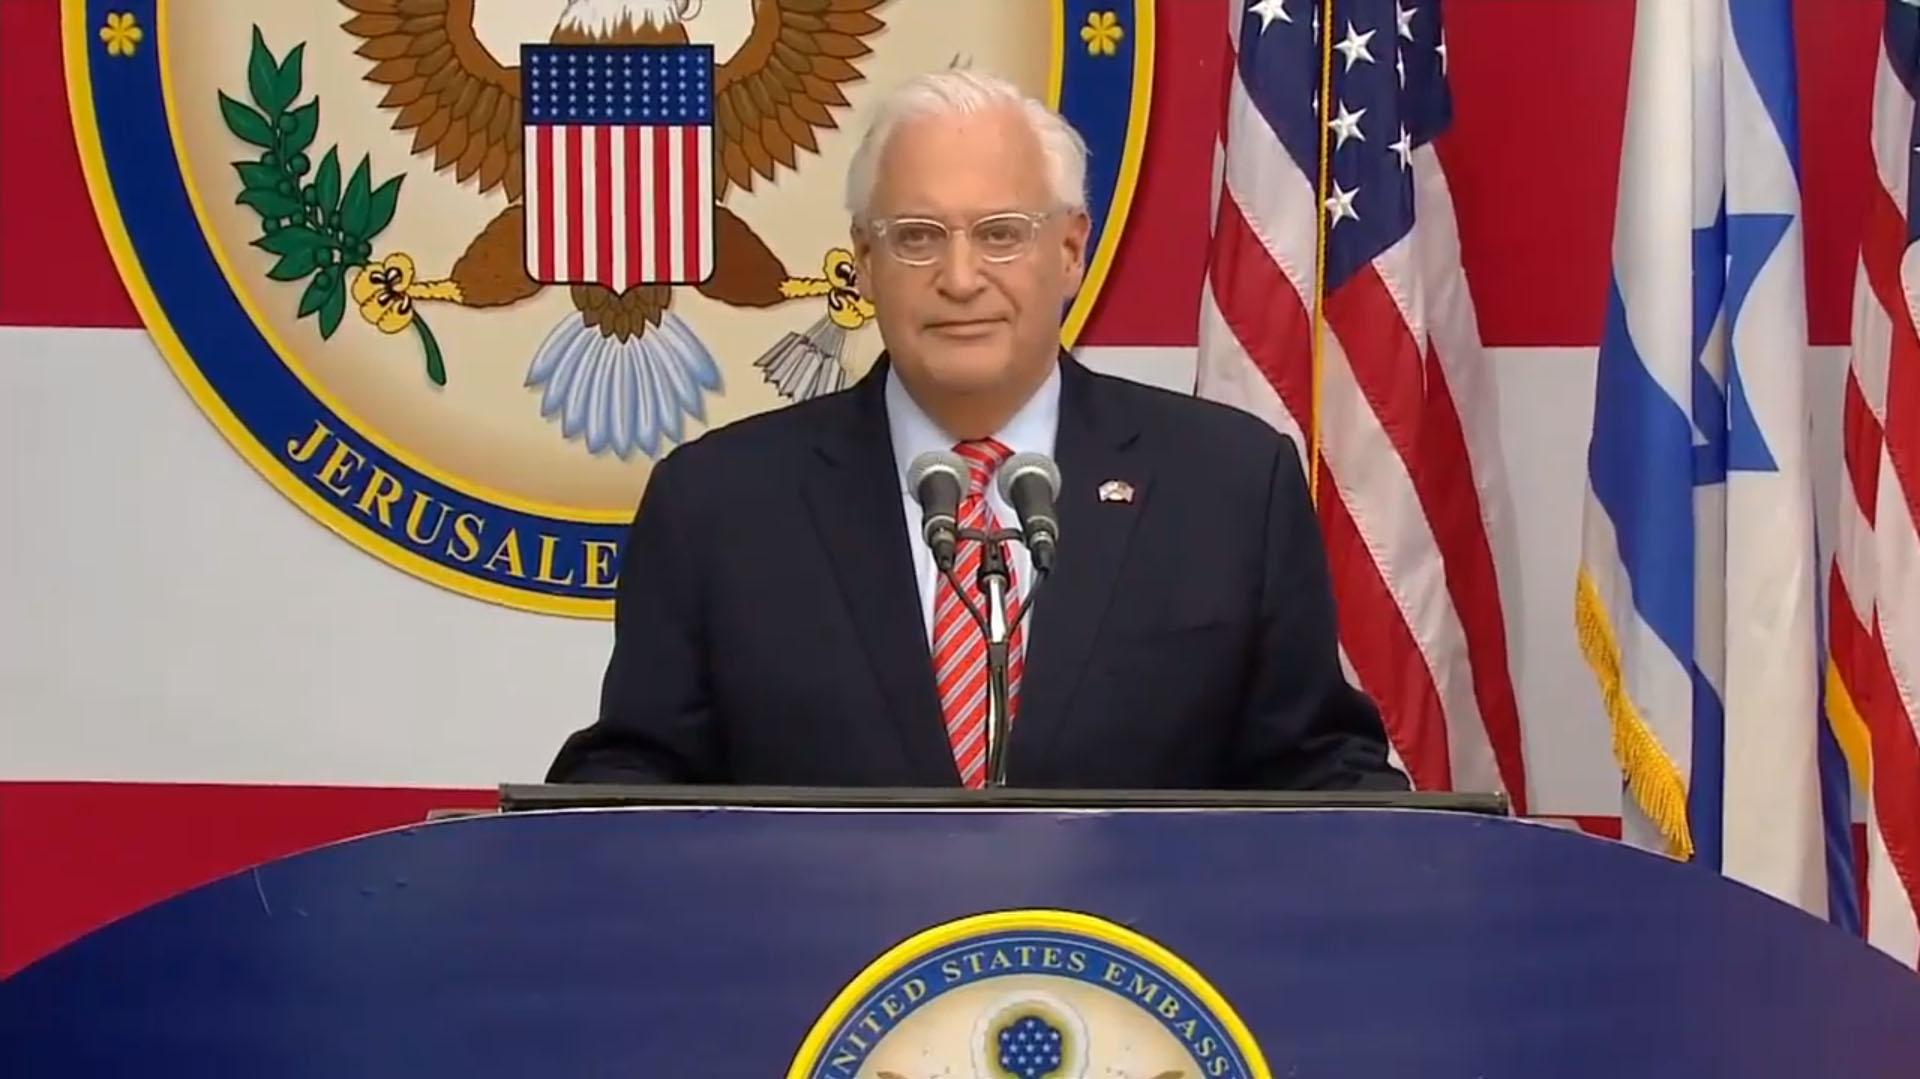 El embajador de Estados Unidos ante Israel, David Friedman, fue el maestro de ceremonia